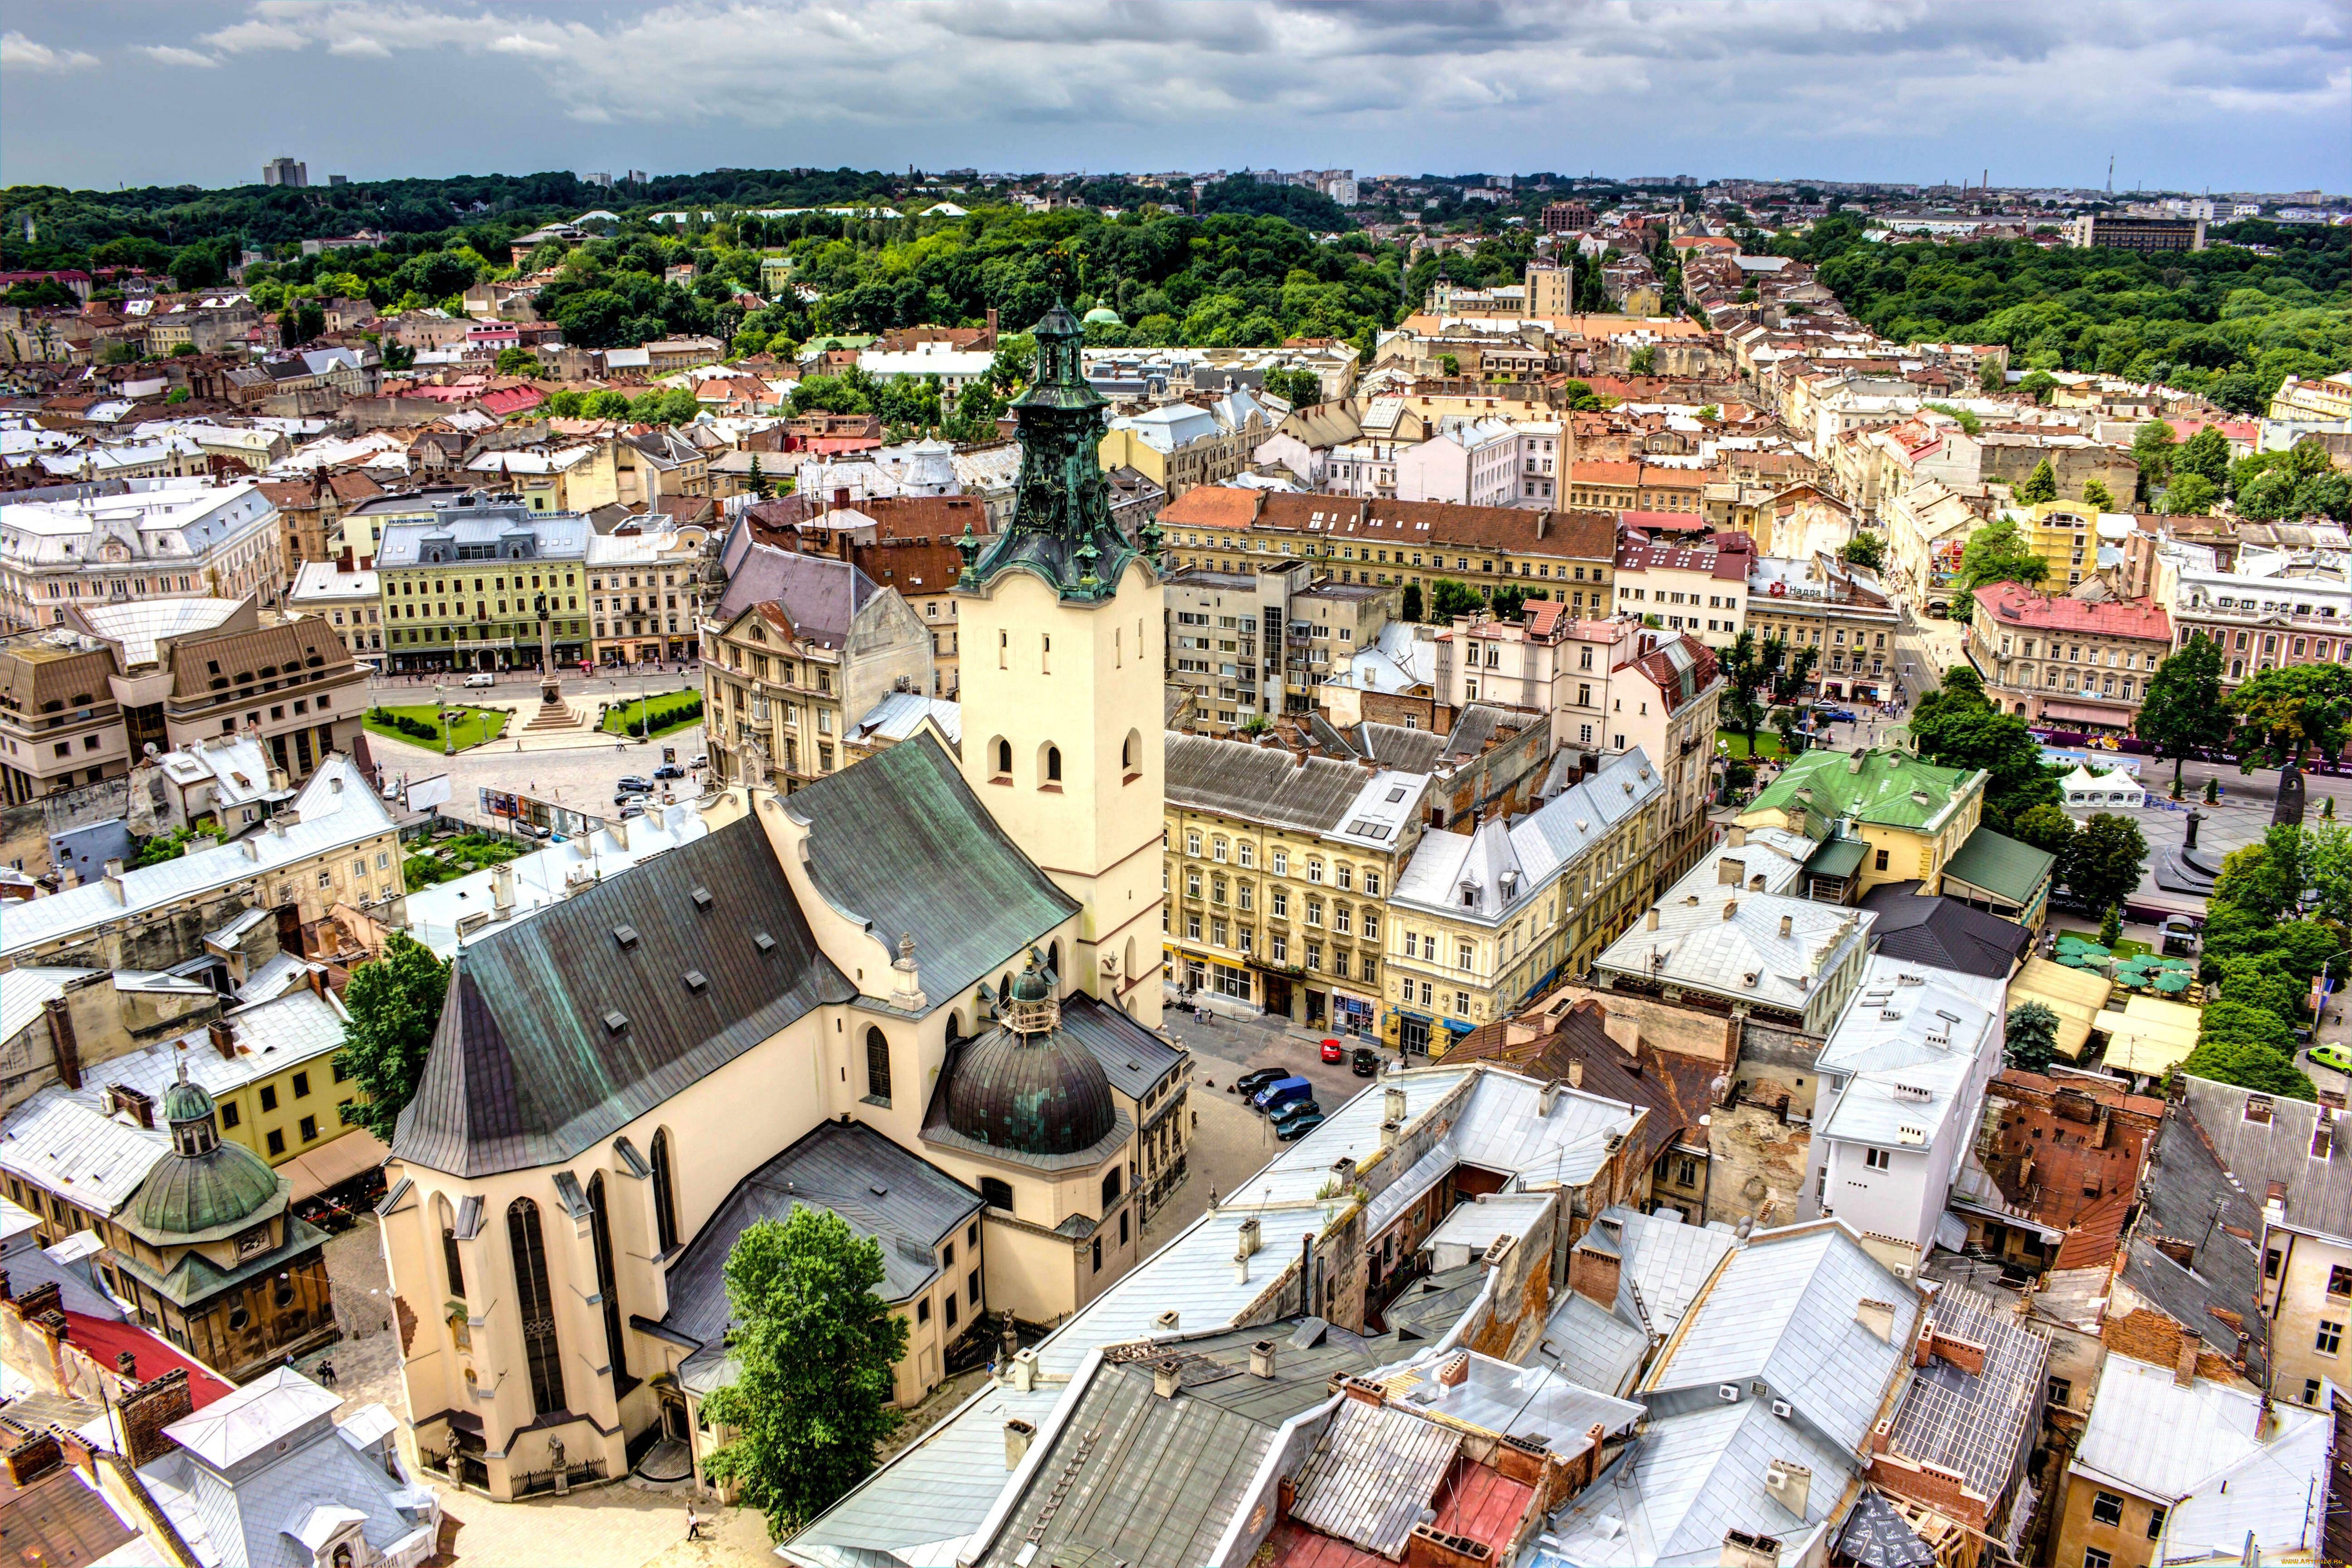 теперь давайте города западной украины фото увеличения